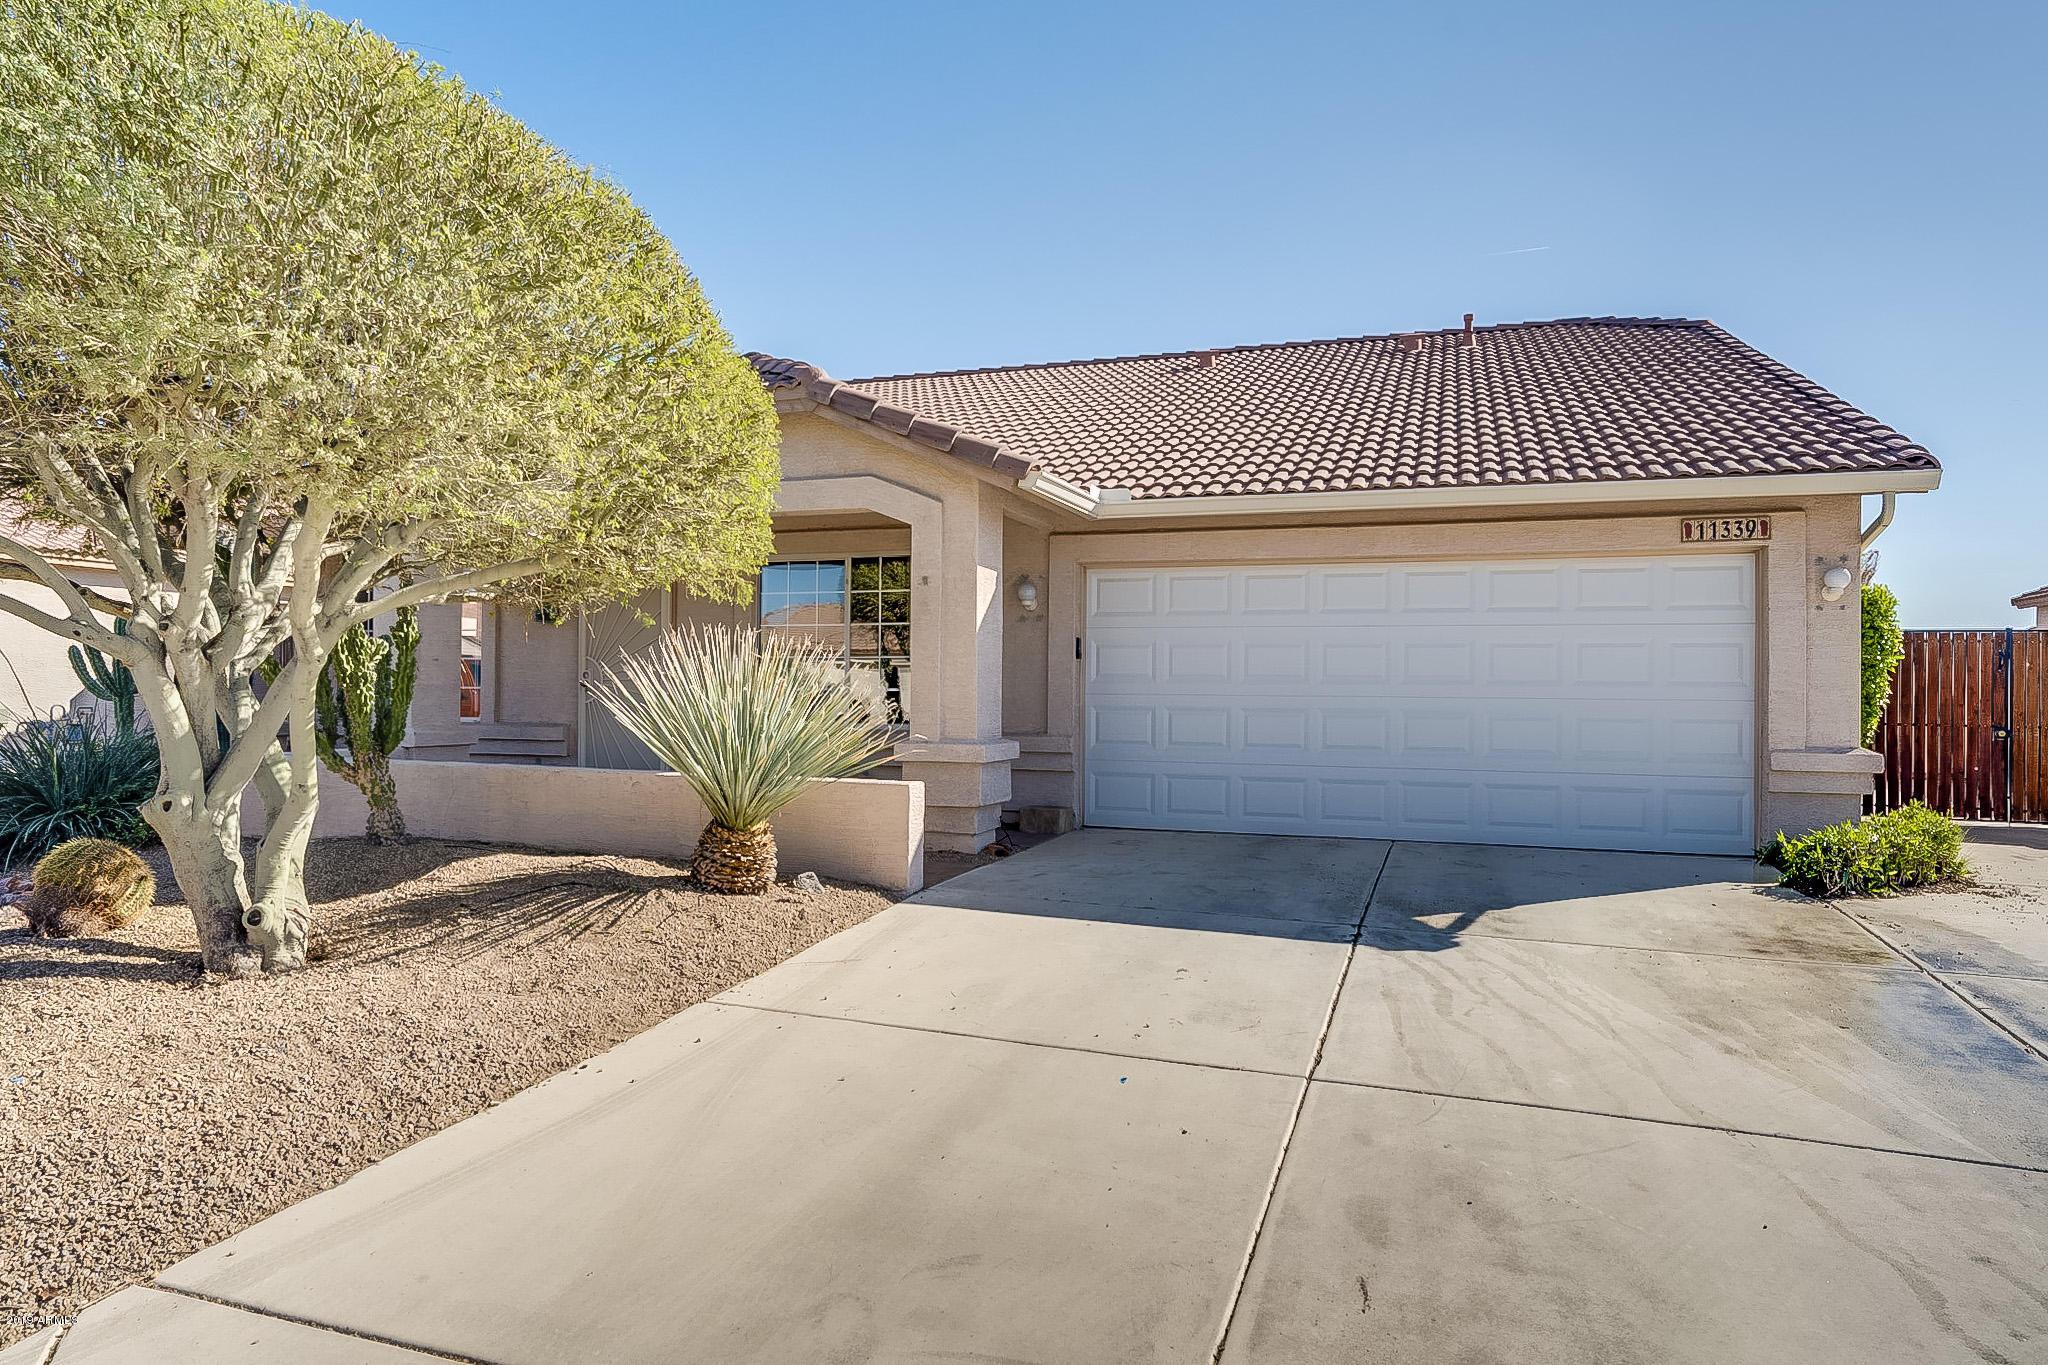 Photo of 11339 E DARTMOUTH Street, Mesa, AZ 85207